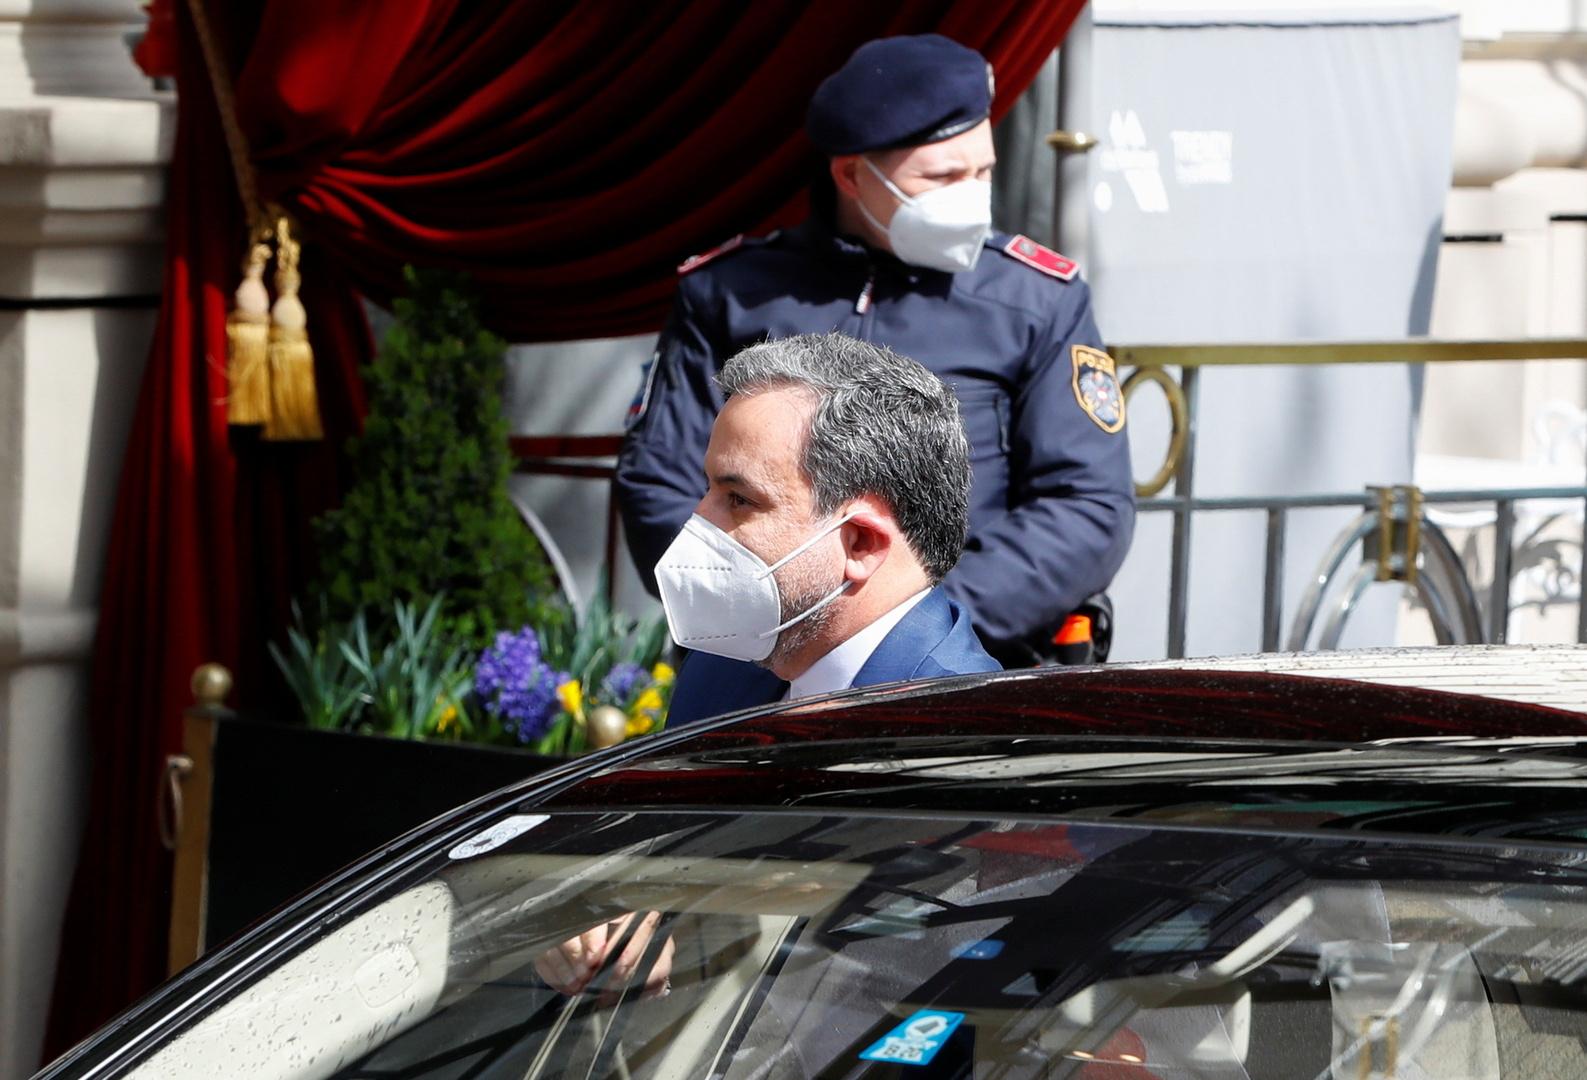 عراقجي : الوفد الإيراني لن يتفاوض مع الأمريكيين في فيينا بشكل مباشر أو غير مباشر